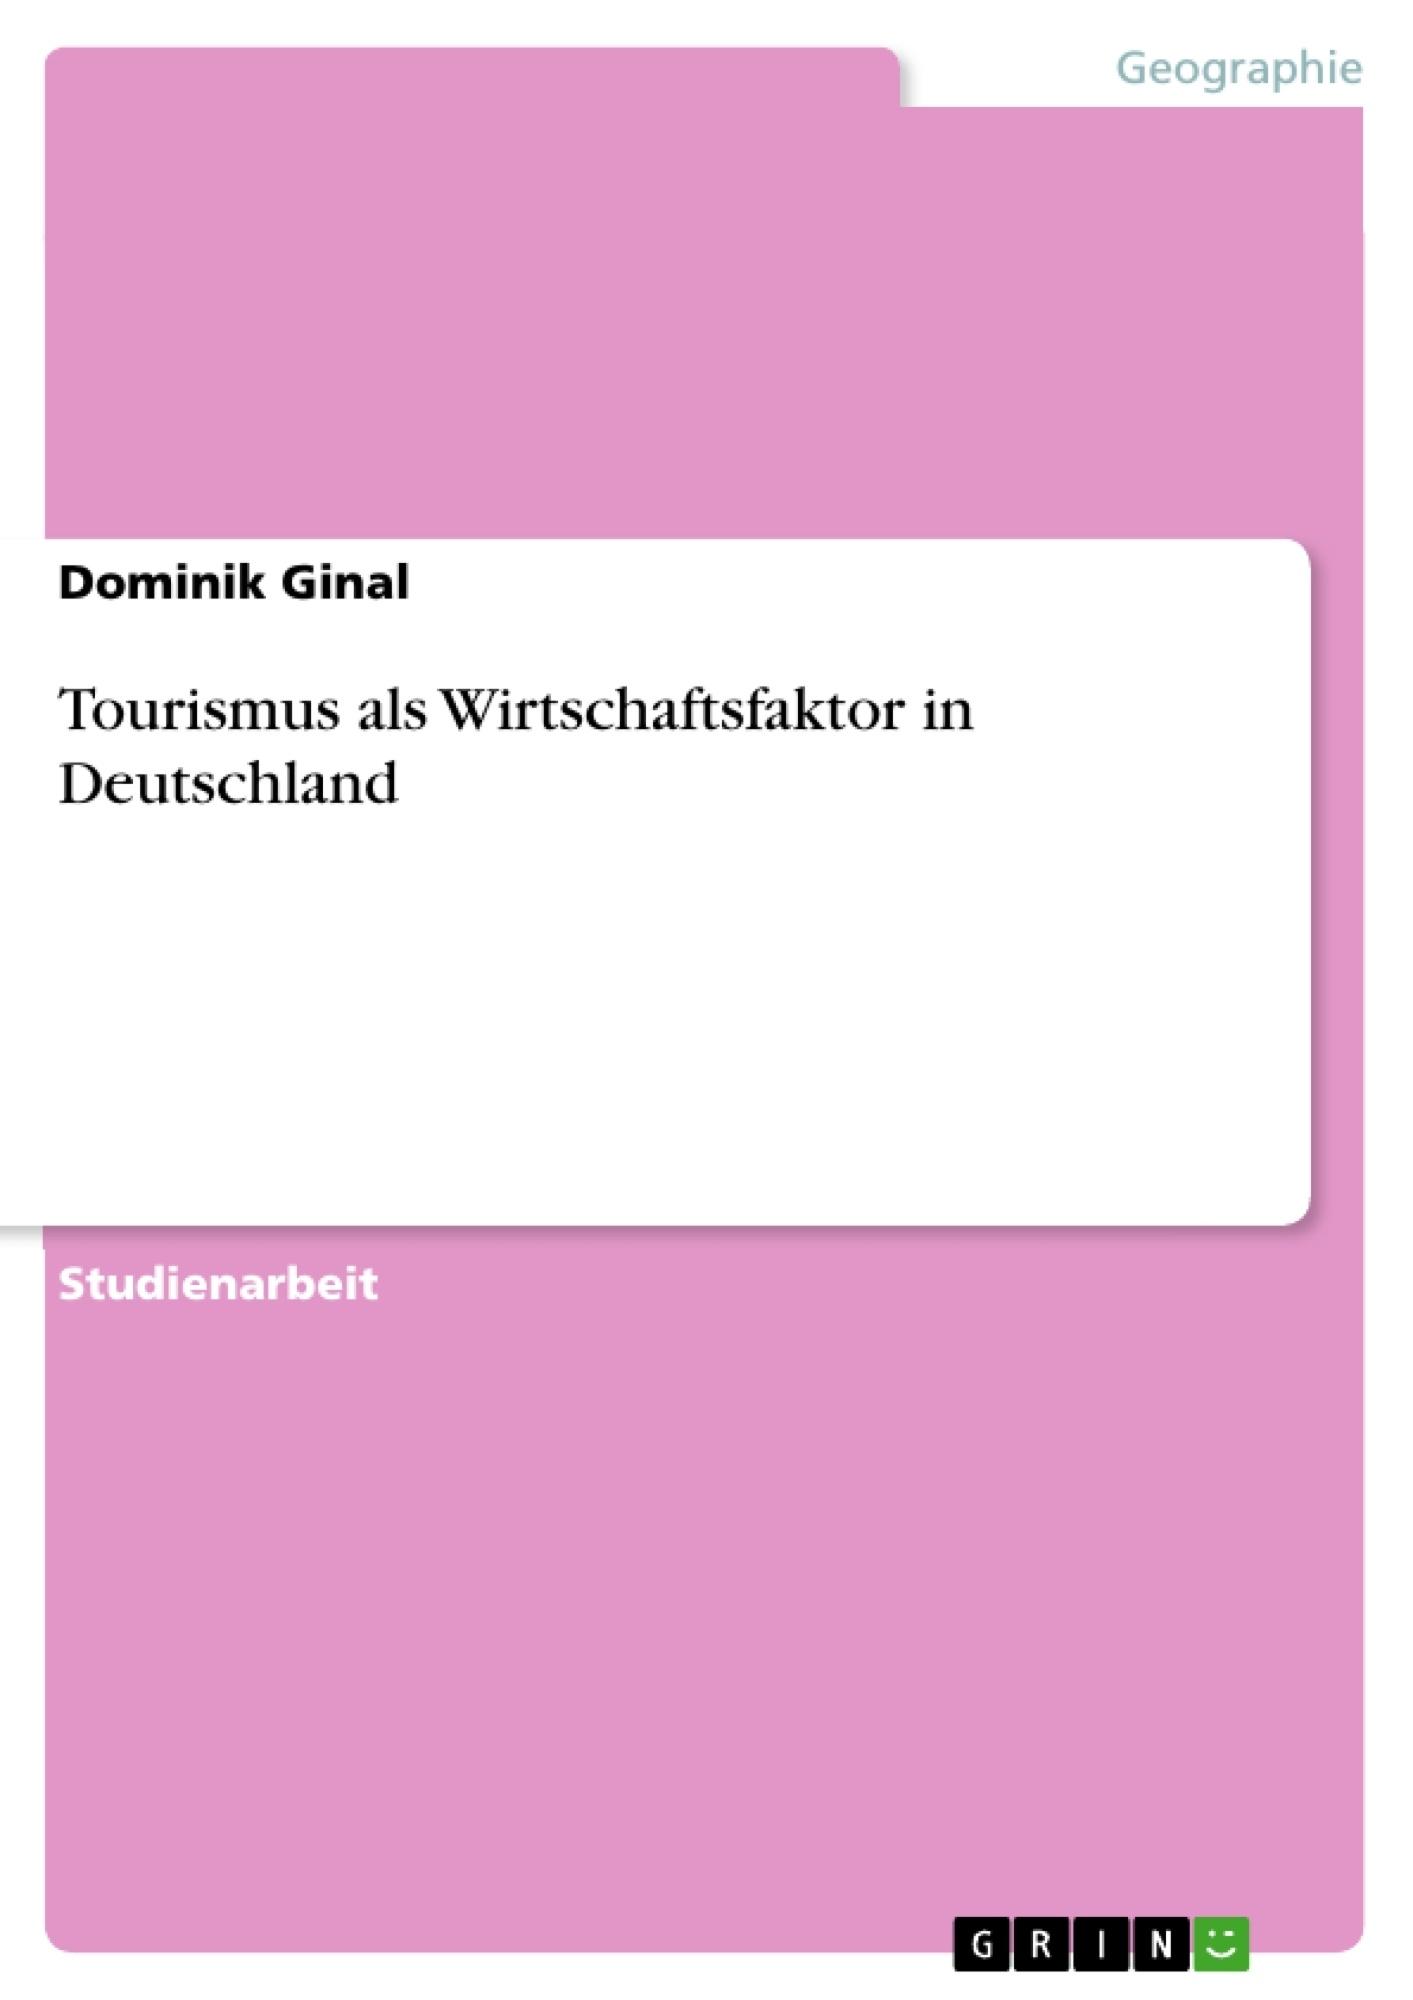 Titel: Tourismus als Wirtschaftsfaktor in Deutschland